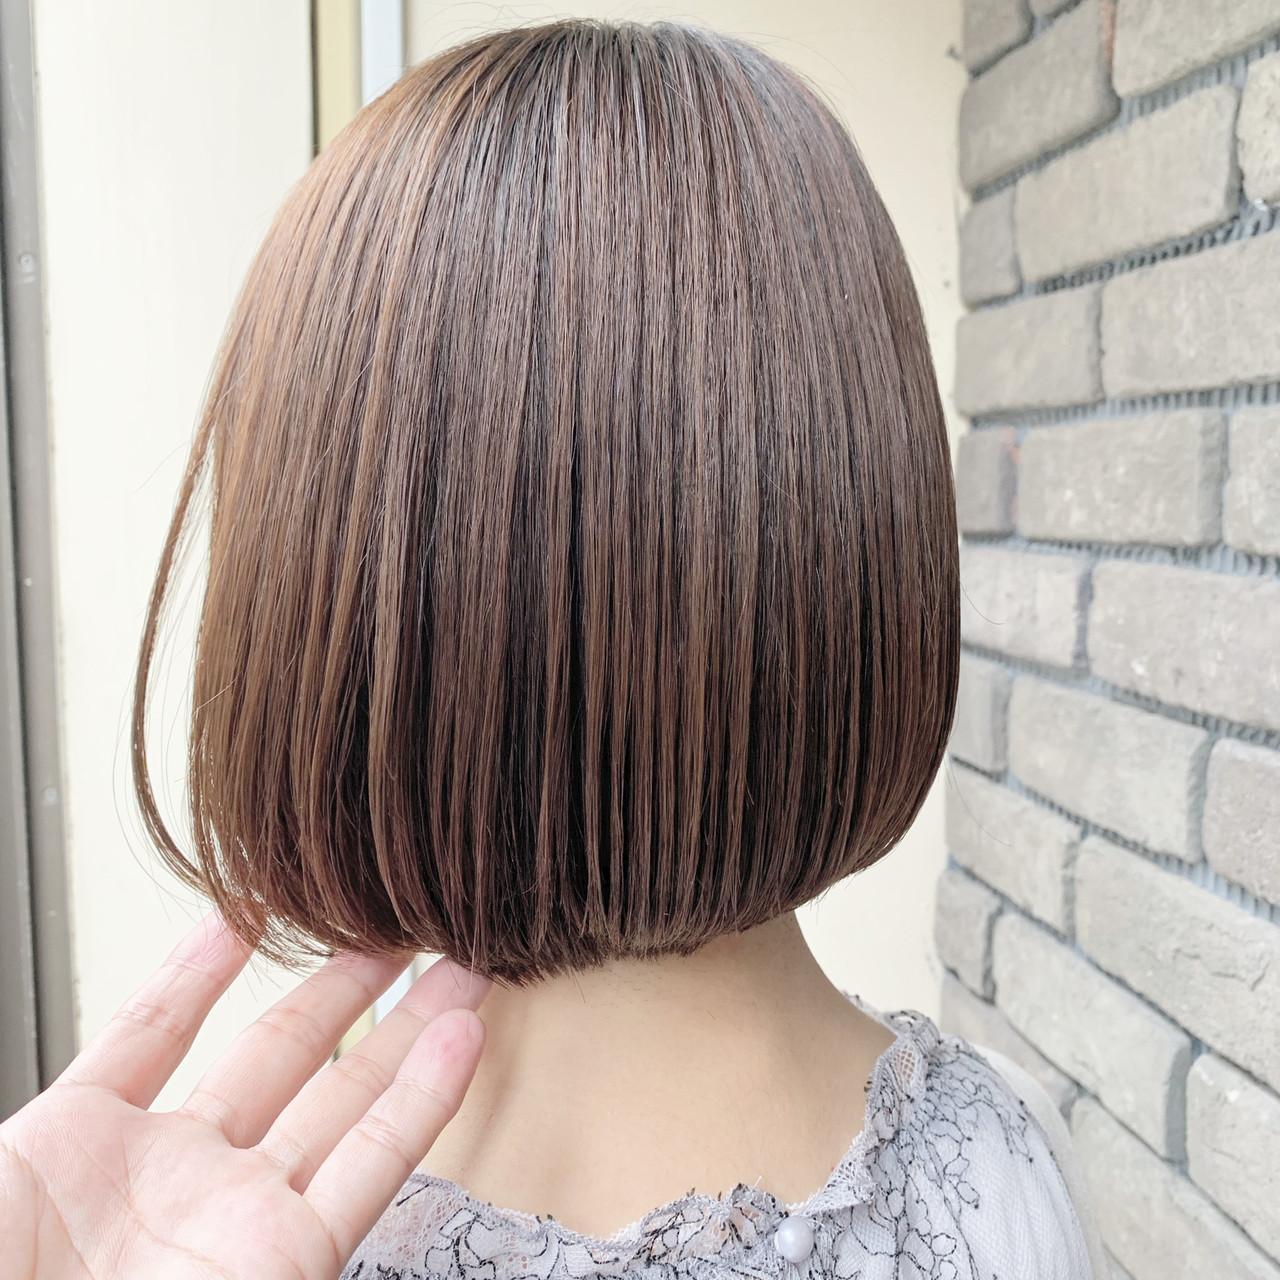 ボブ フェミニン ミニボブ 縮毛矯正 ヘアスタイルや髪型の写真・画像 | 谷川 健太 / ROVERSI